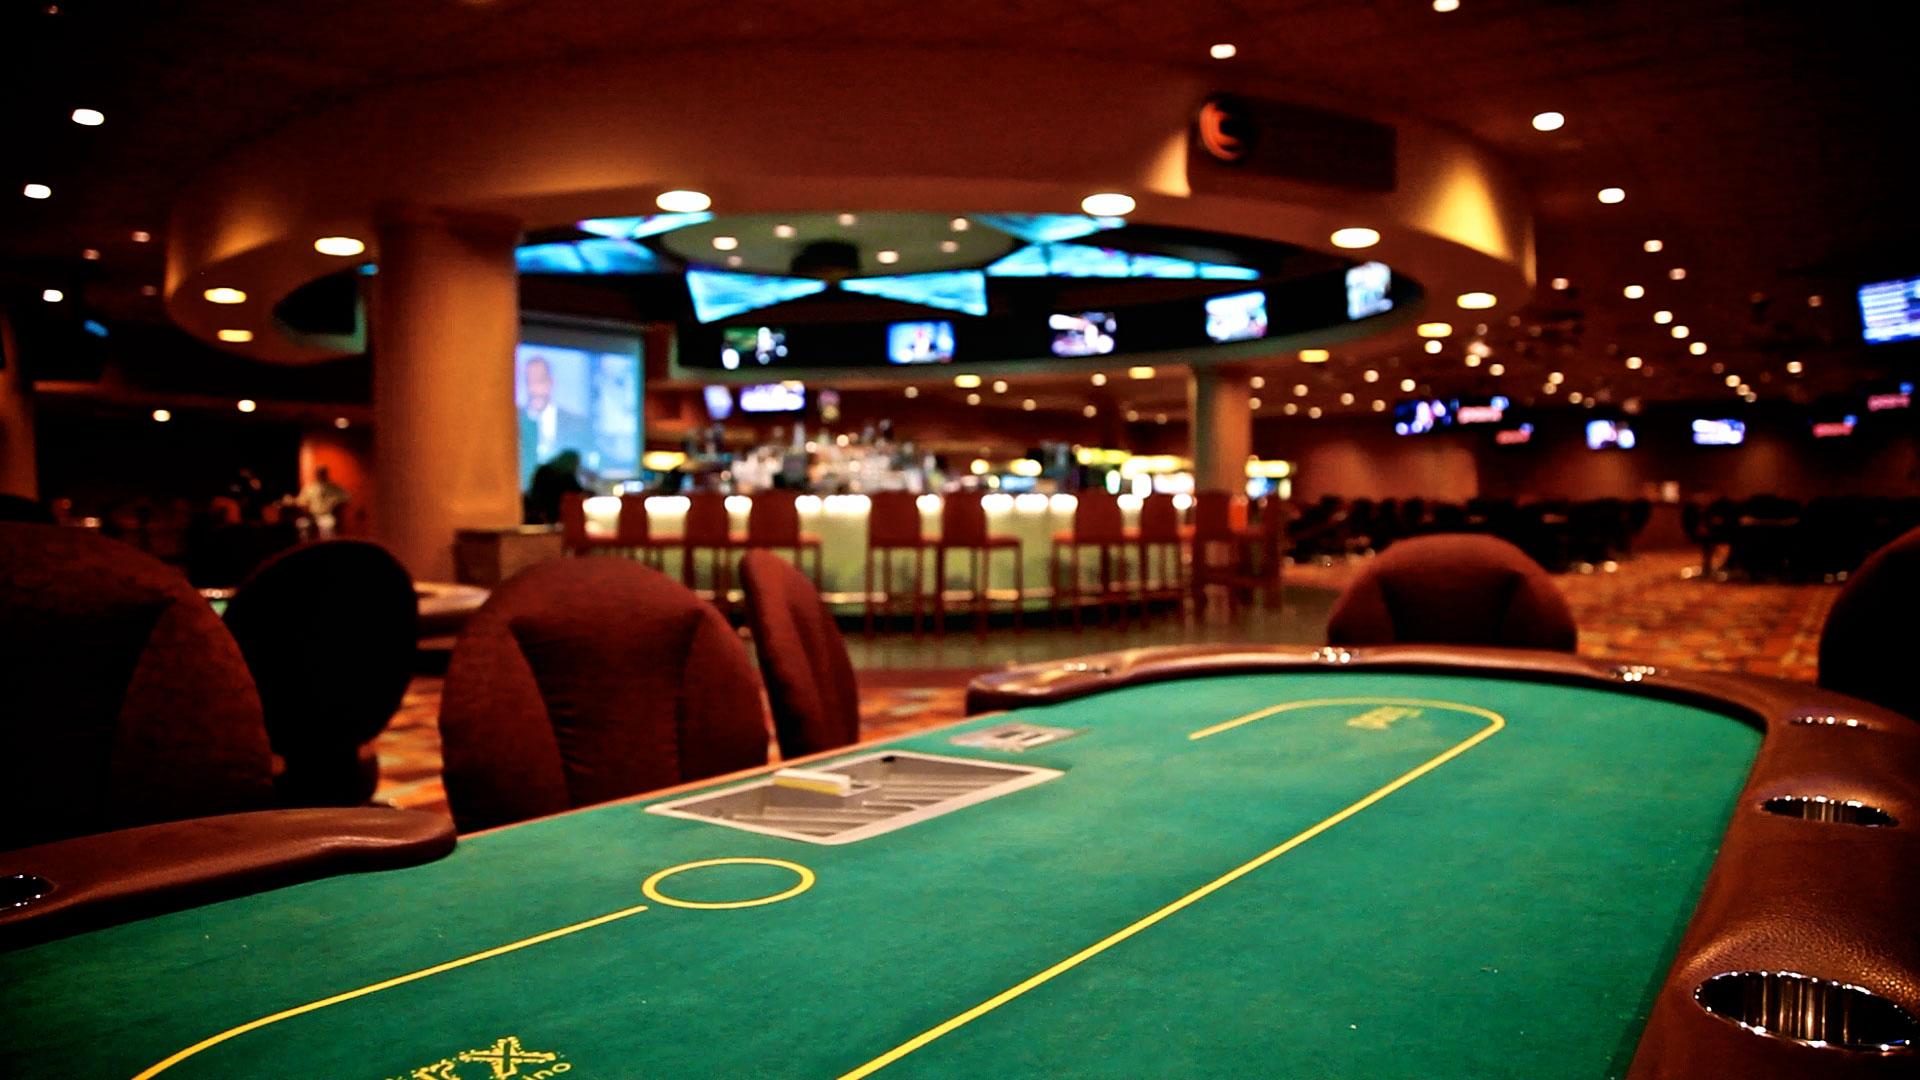 Jeux casino : vous aussi, faites partie des plus grands